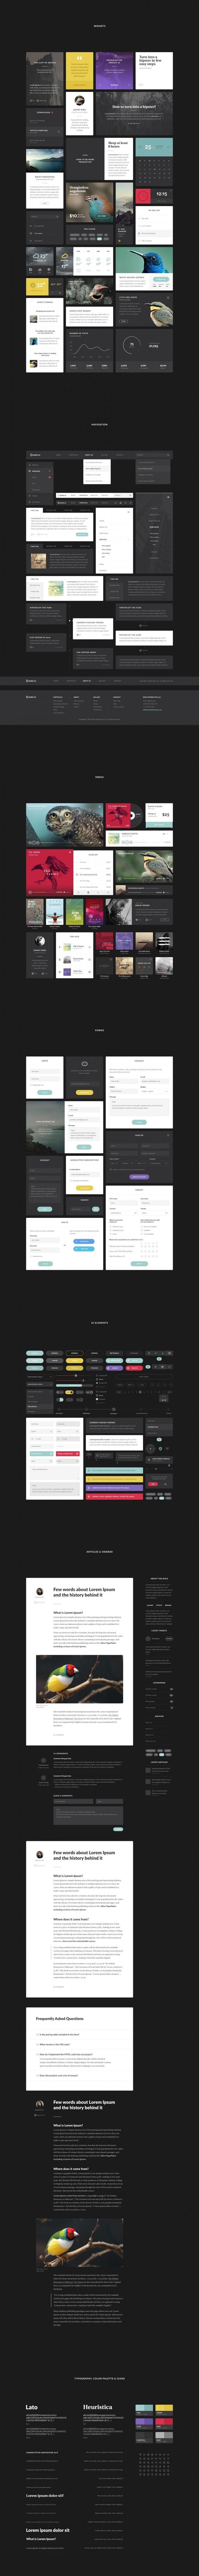 Aves UI Kit #design #interface #kit #ui